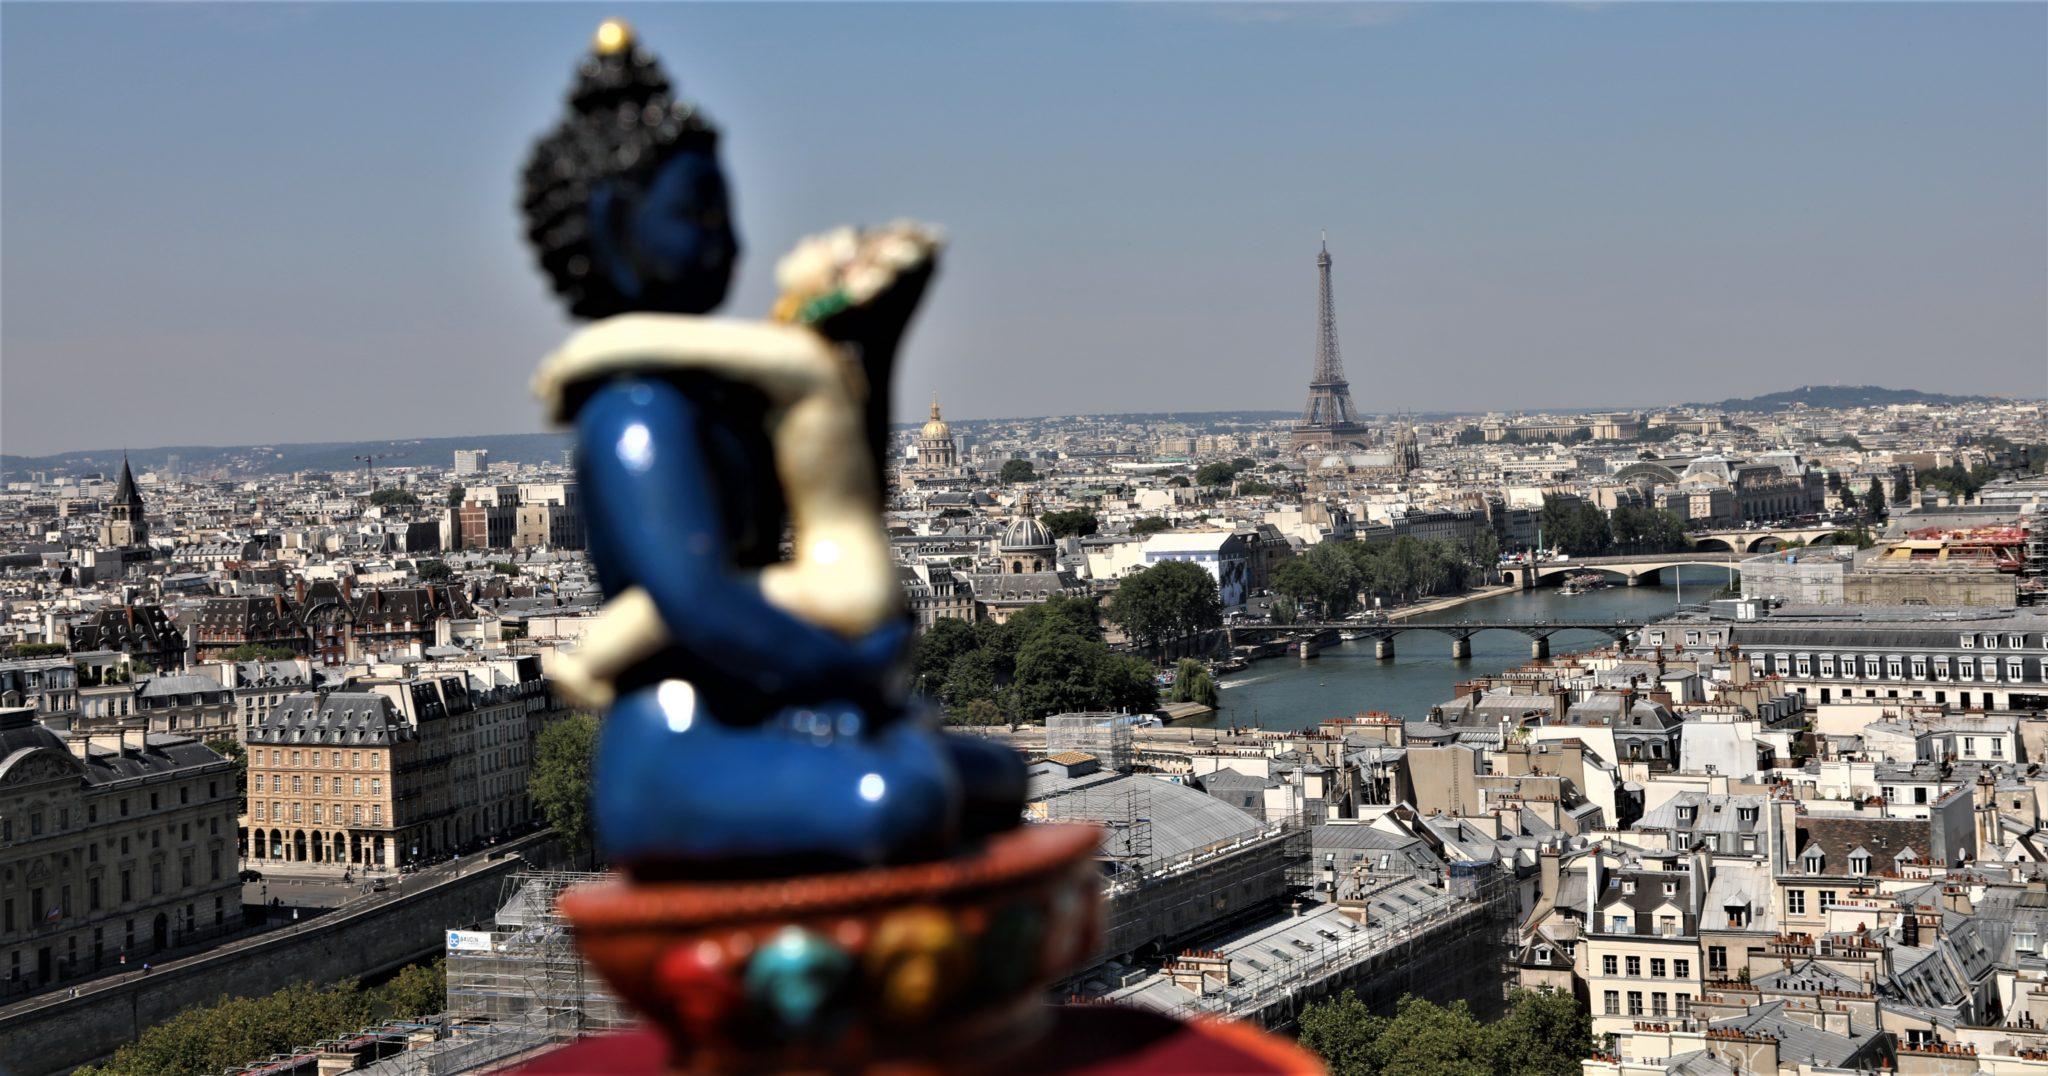 Samantabhadra yab yum achat Paris Mes indes galantes